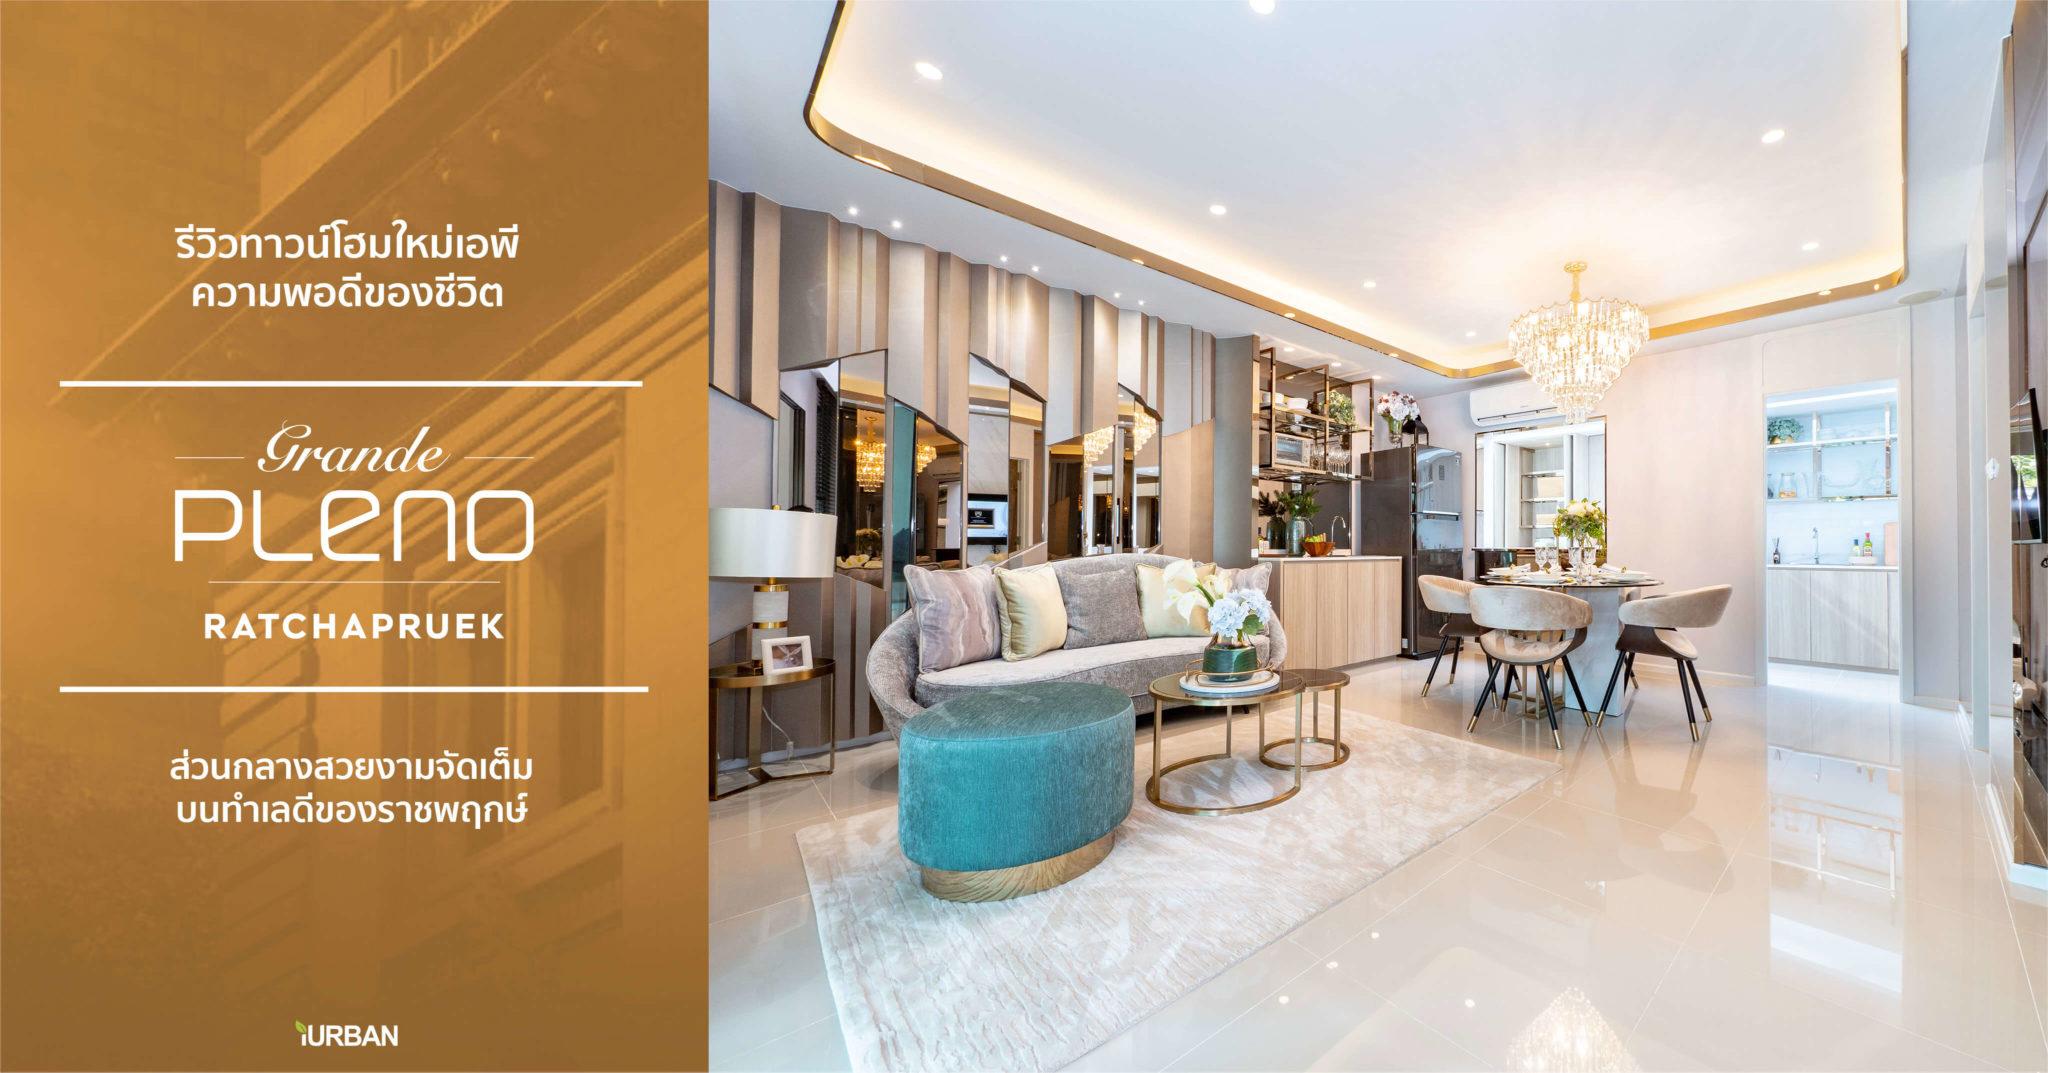 รีวิว Grande Pleno ราชพฤกษ์ บ้านที่พอดี ส่วนกลางพรีเมียม เริ่ม 2.39 ล้าน 13 - AP (Thailand) - เอพี (ไทยแลนด์)